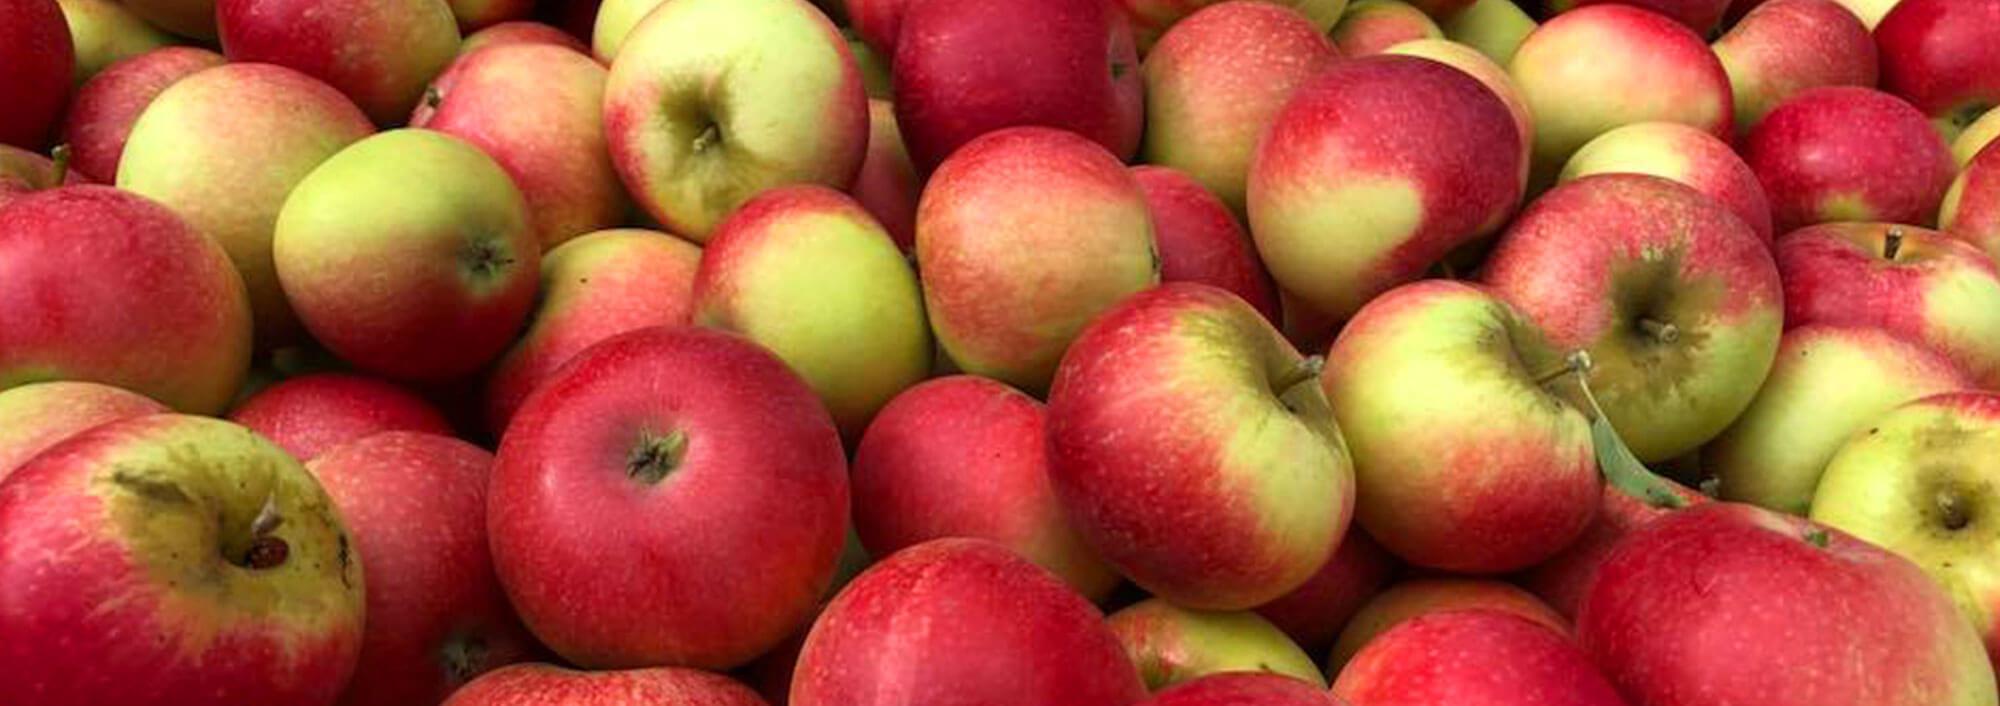 Bellida bedste æblesort